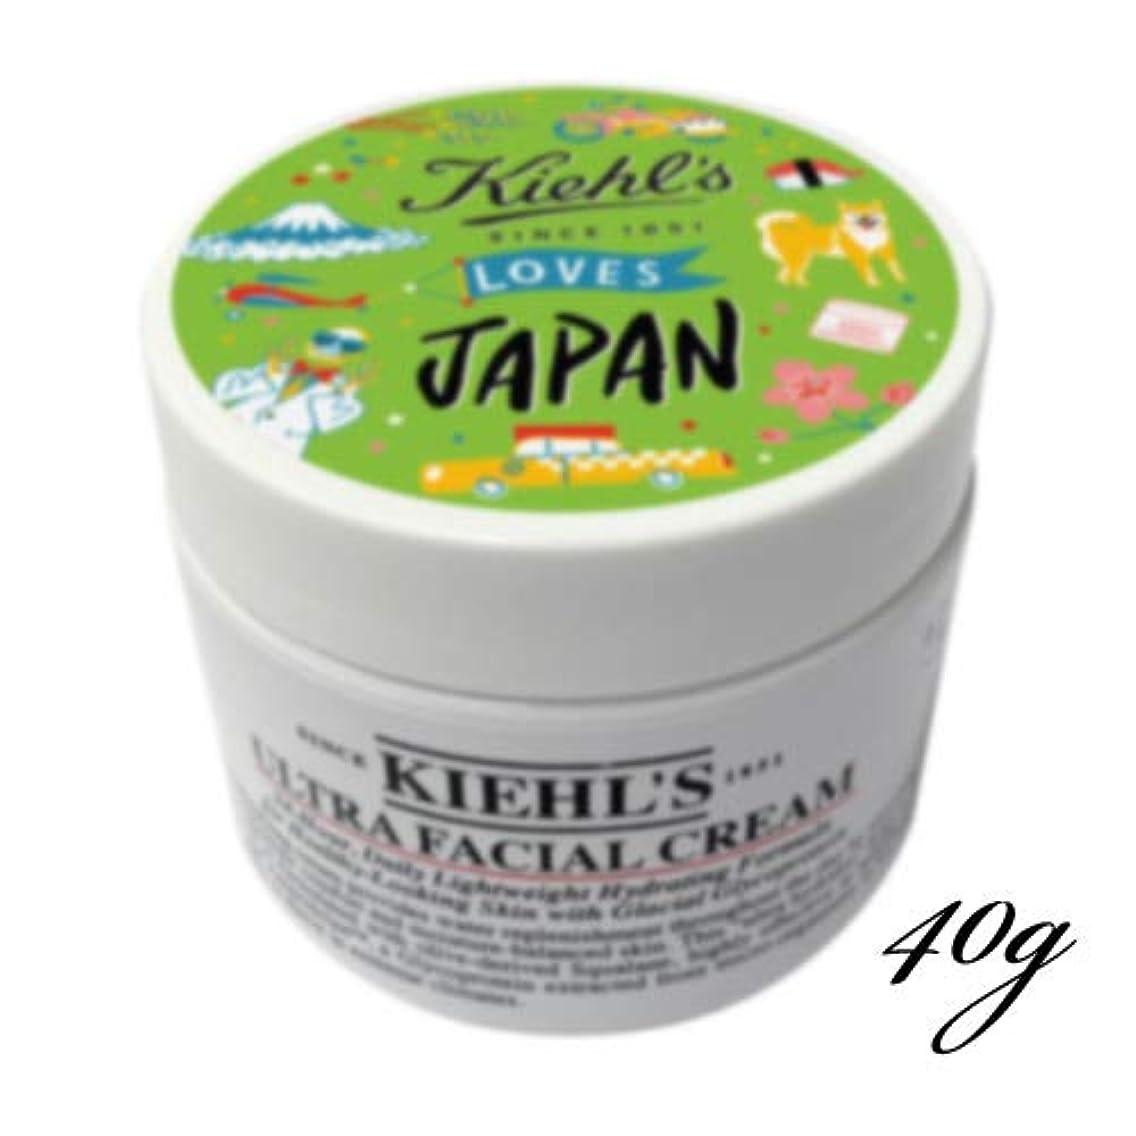 エンドウ届けるスタウトKiehl's(キールズ) キールズ クリーム UFC (Kiehl's loves JAPAN限定 エディション) 49g